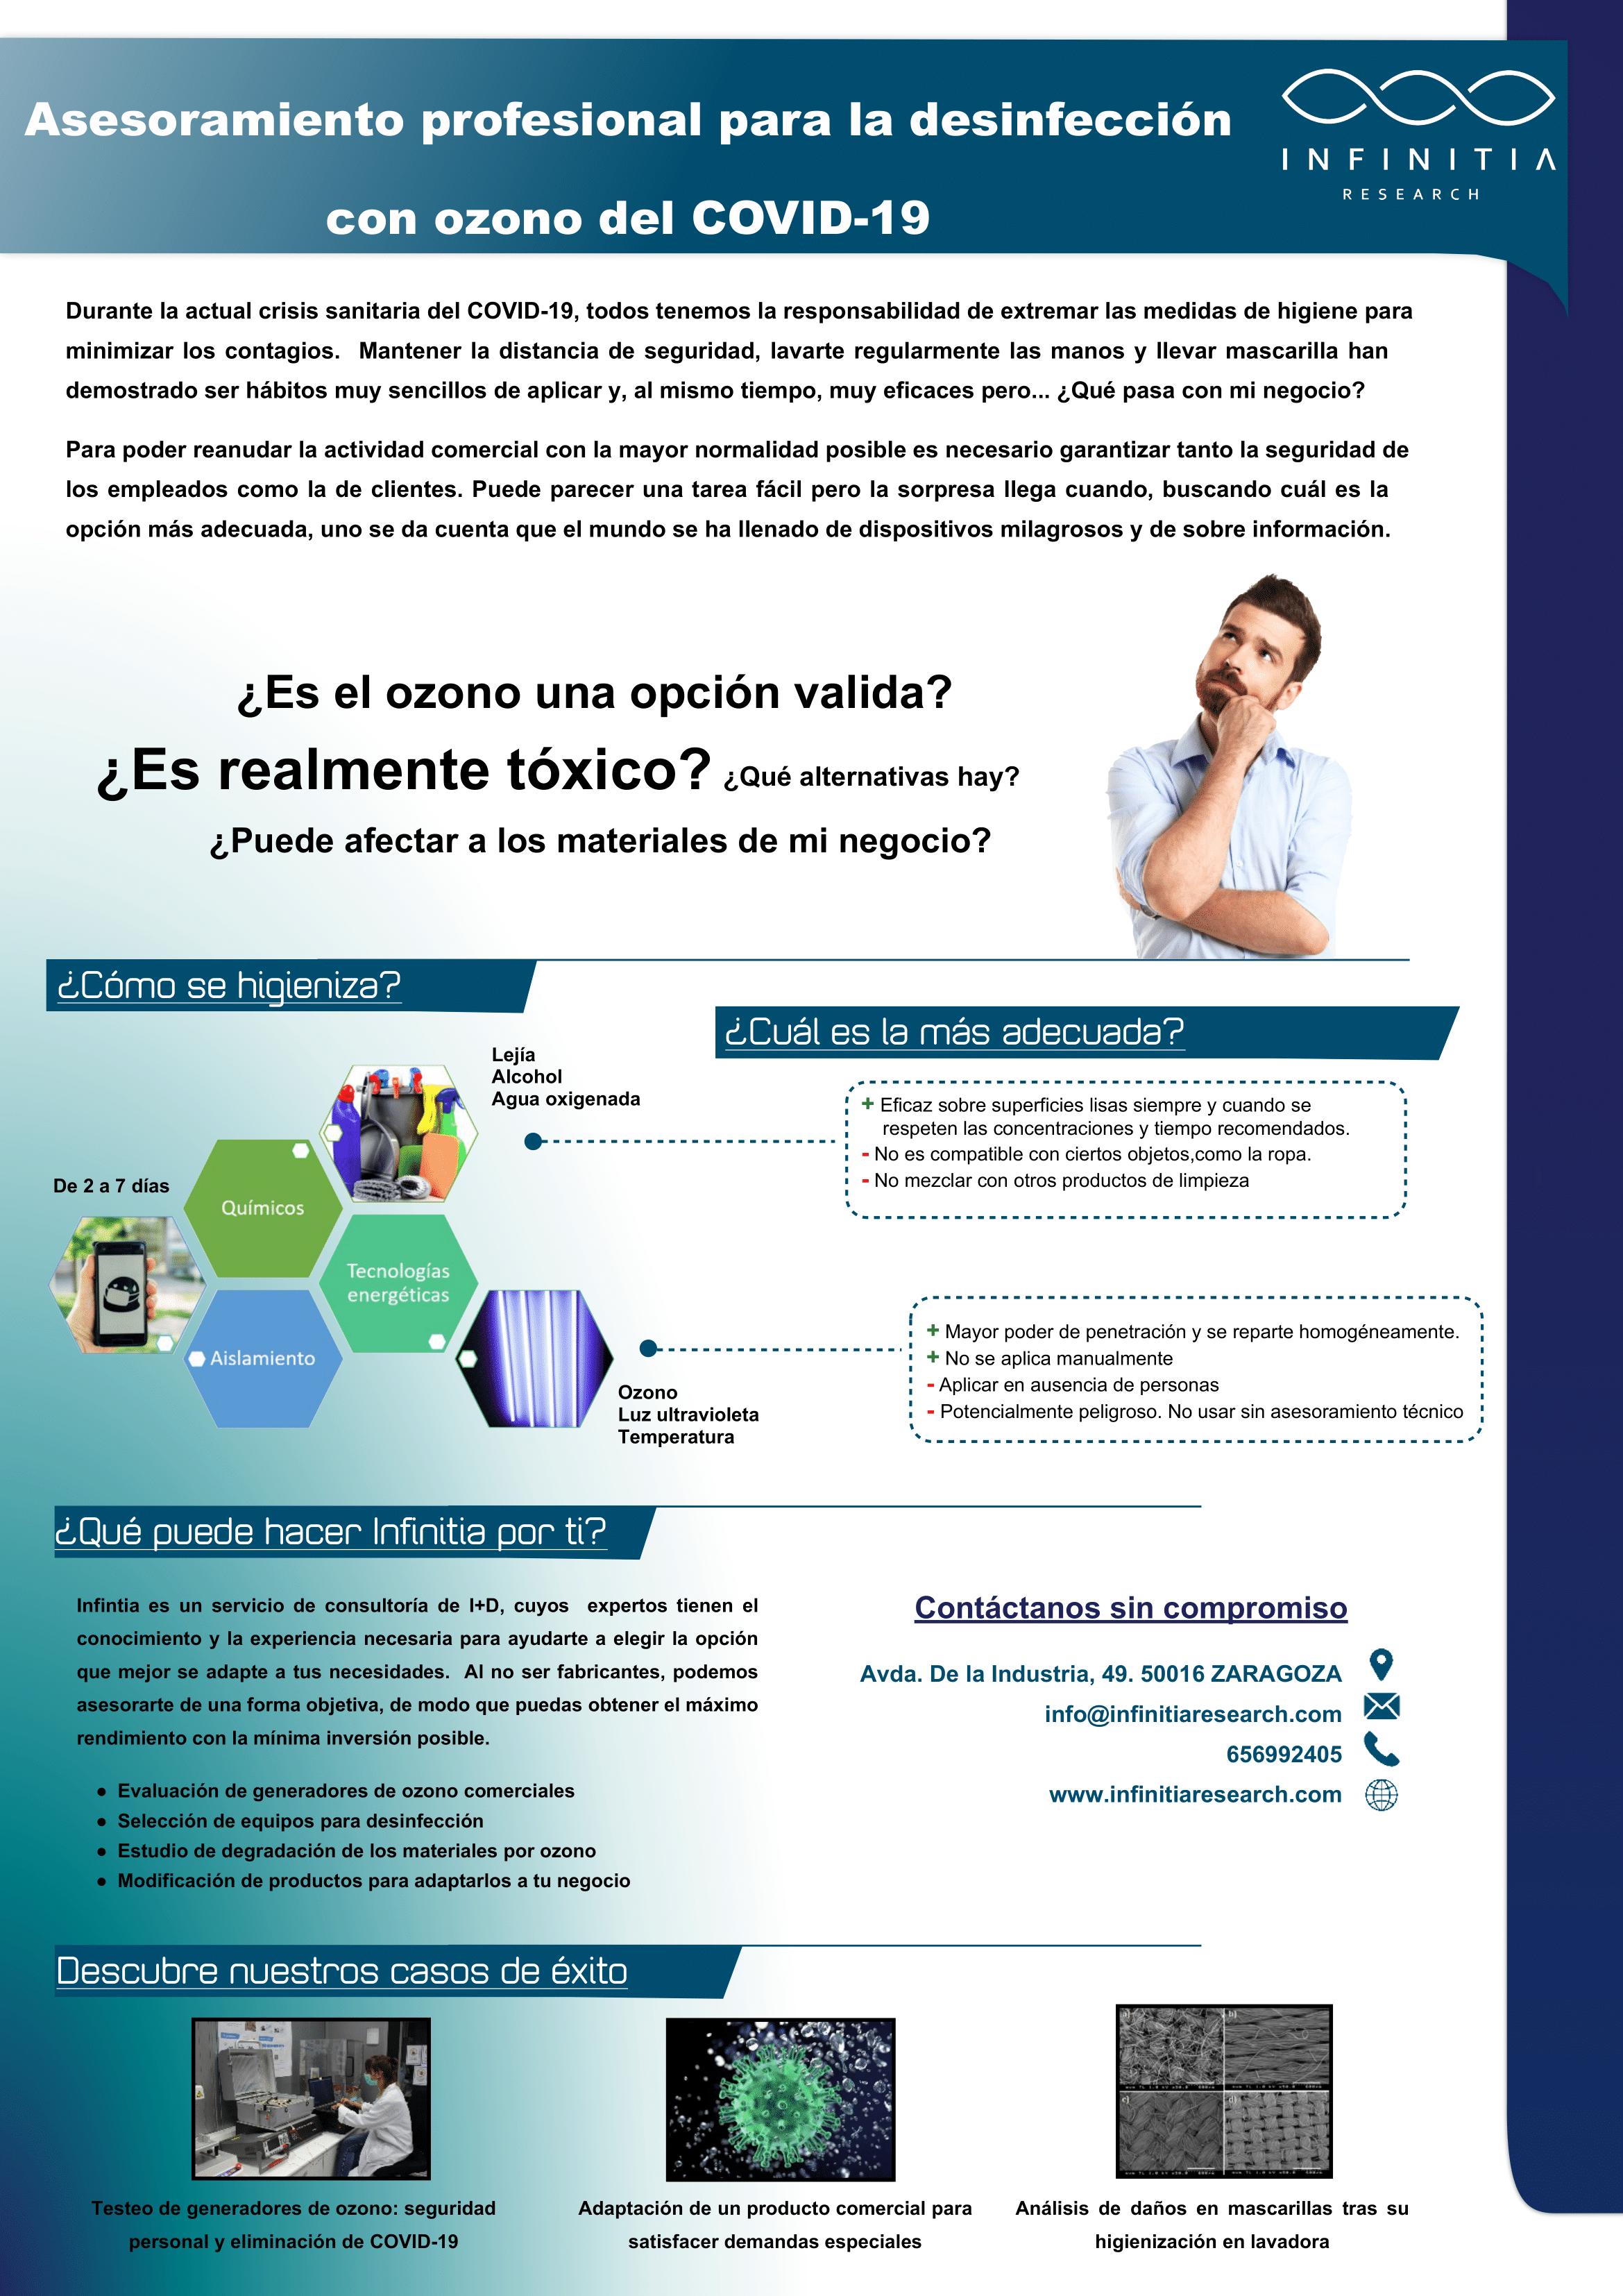 Covid 19 Infinitia 1 Asesoramiento profesional para la desinfección con ozono del COVID-19